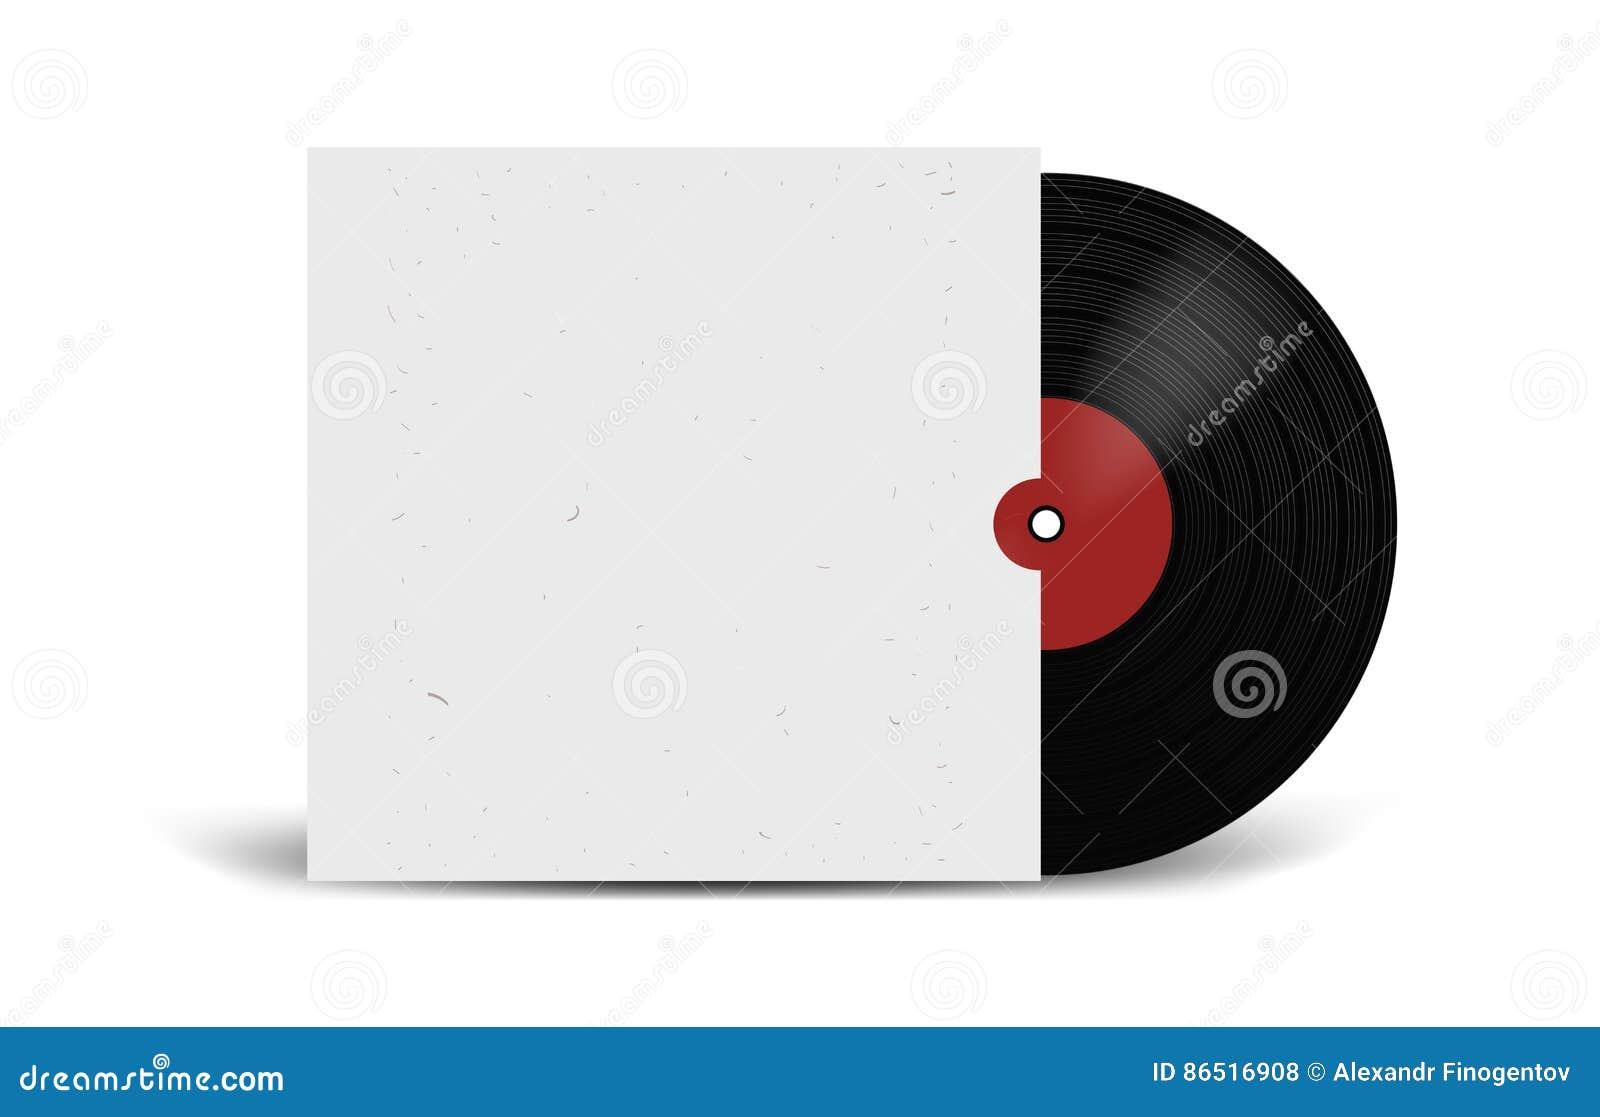 Ρεαλιστικό βινυλίου αρχείο με το πρότυπο κάλυψης κόκκινο συμβαλλόμενων μερών κοριτσιών disco σχέδιο αναδρομικό Μπροστινή όψη